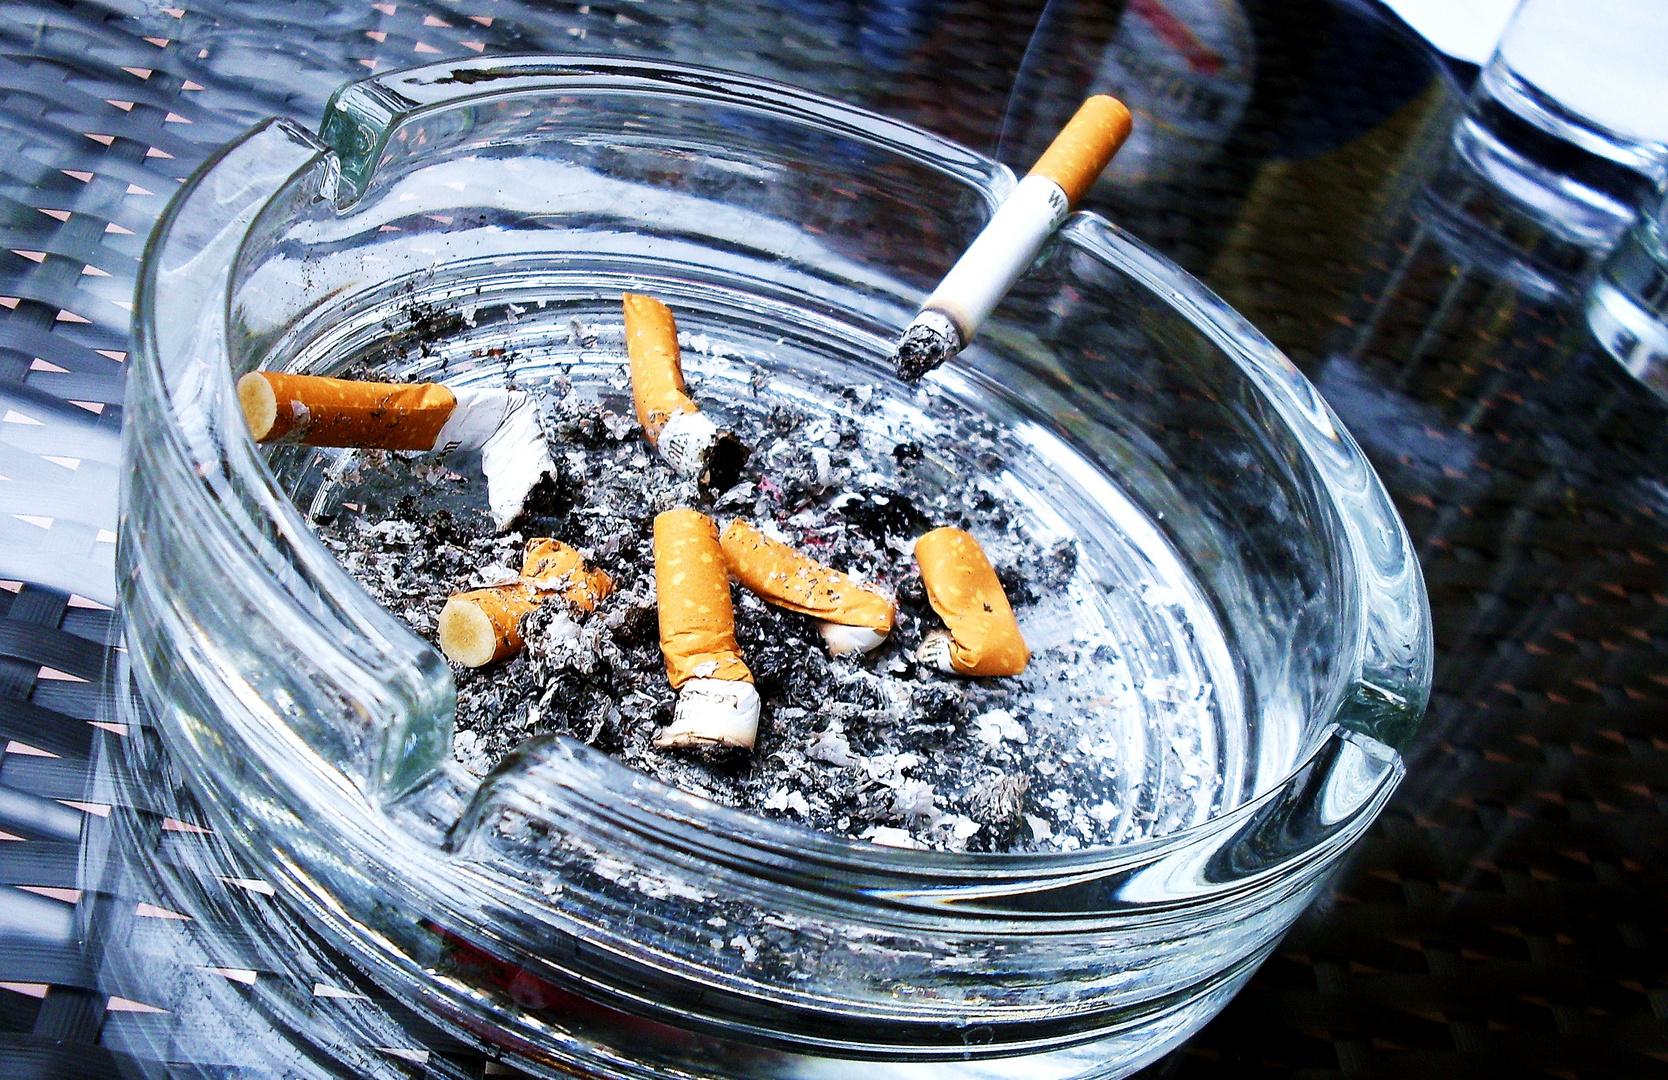 Smoking isn't good.